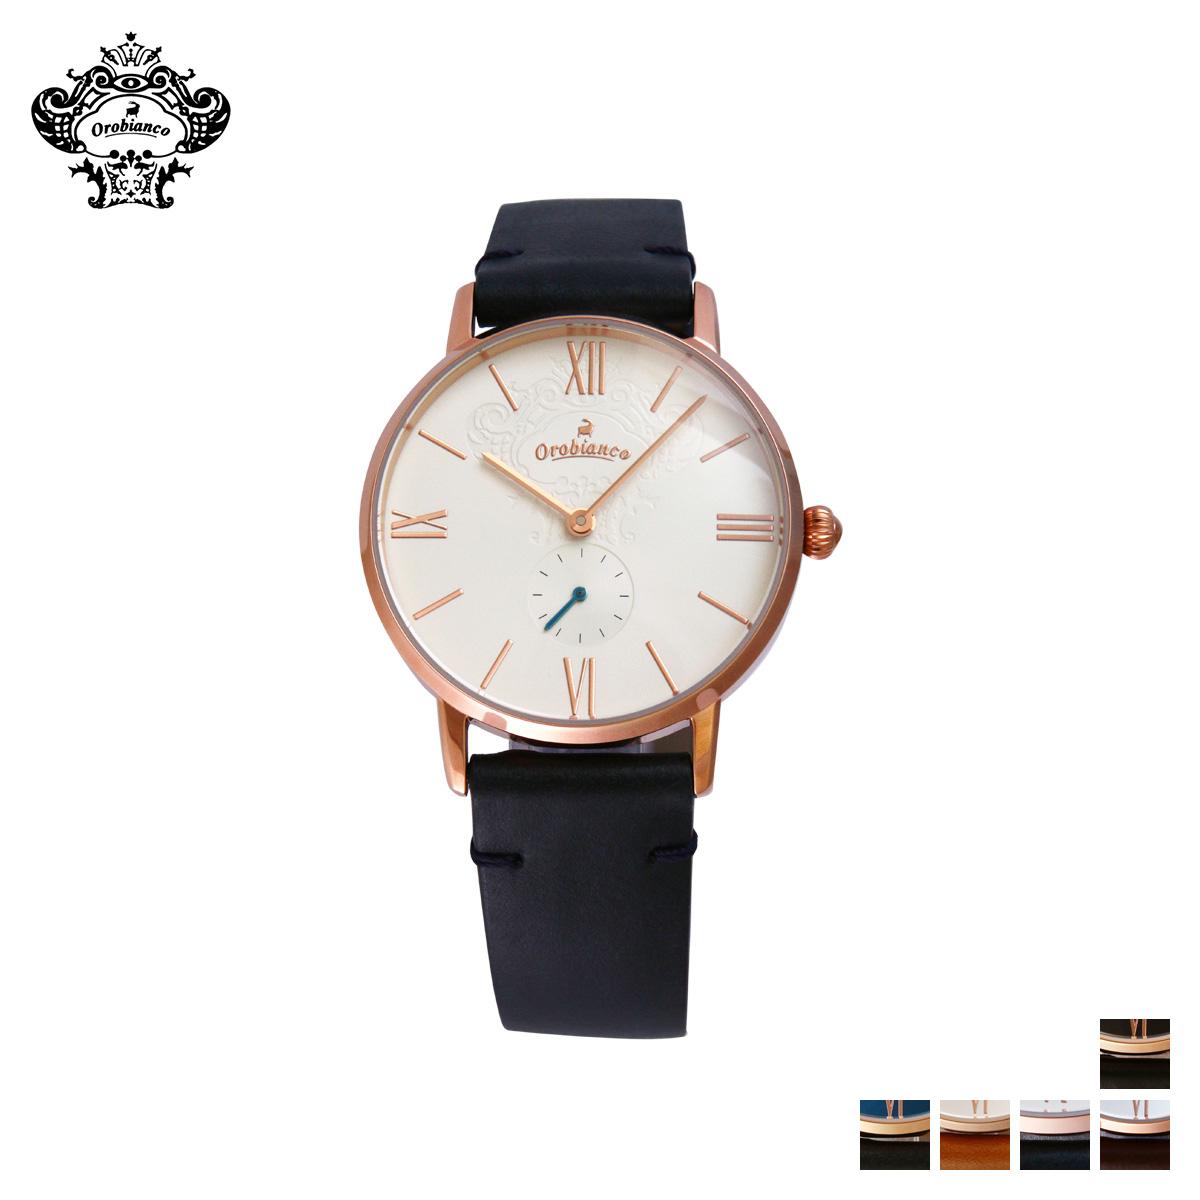 Orobianco オロビアンコ 腕時計 レディース 防水 SIMMPATIA ブラック ネイビー ブラウン 黒 OR-0072